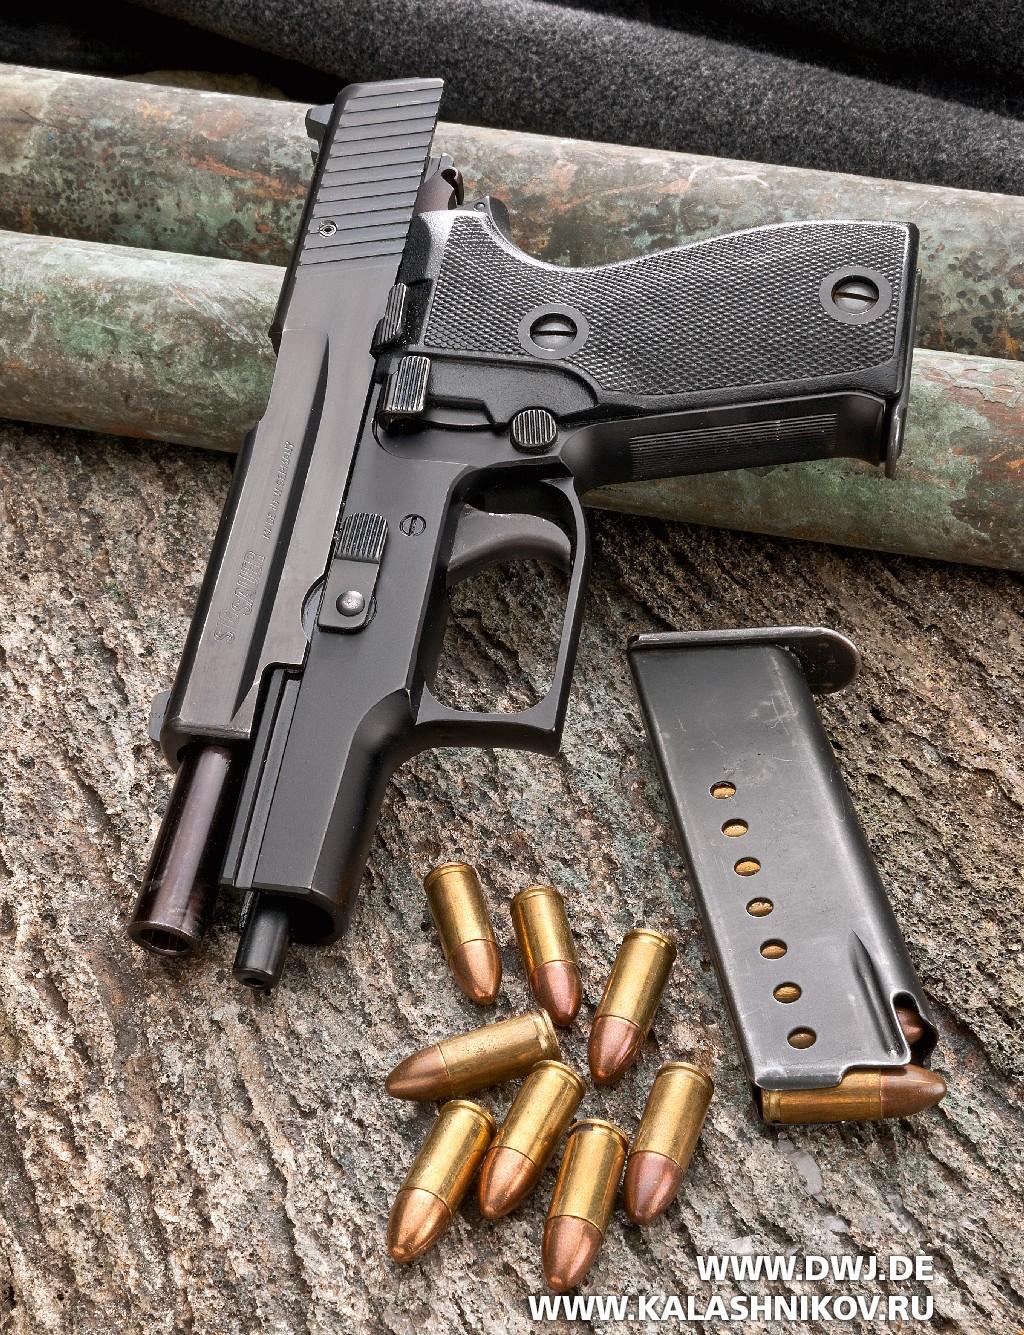 Пистолет SIG Sauer Р6 с магазином и патронами